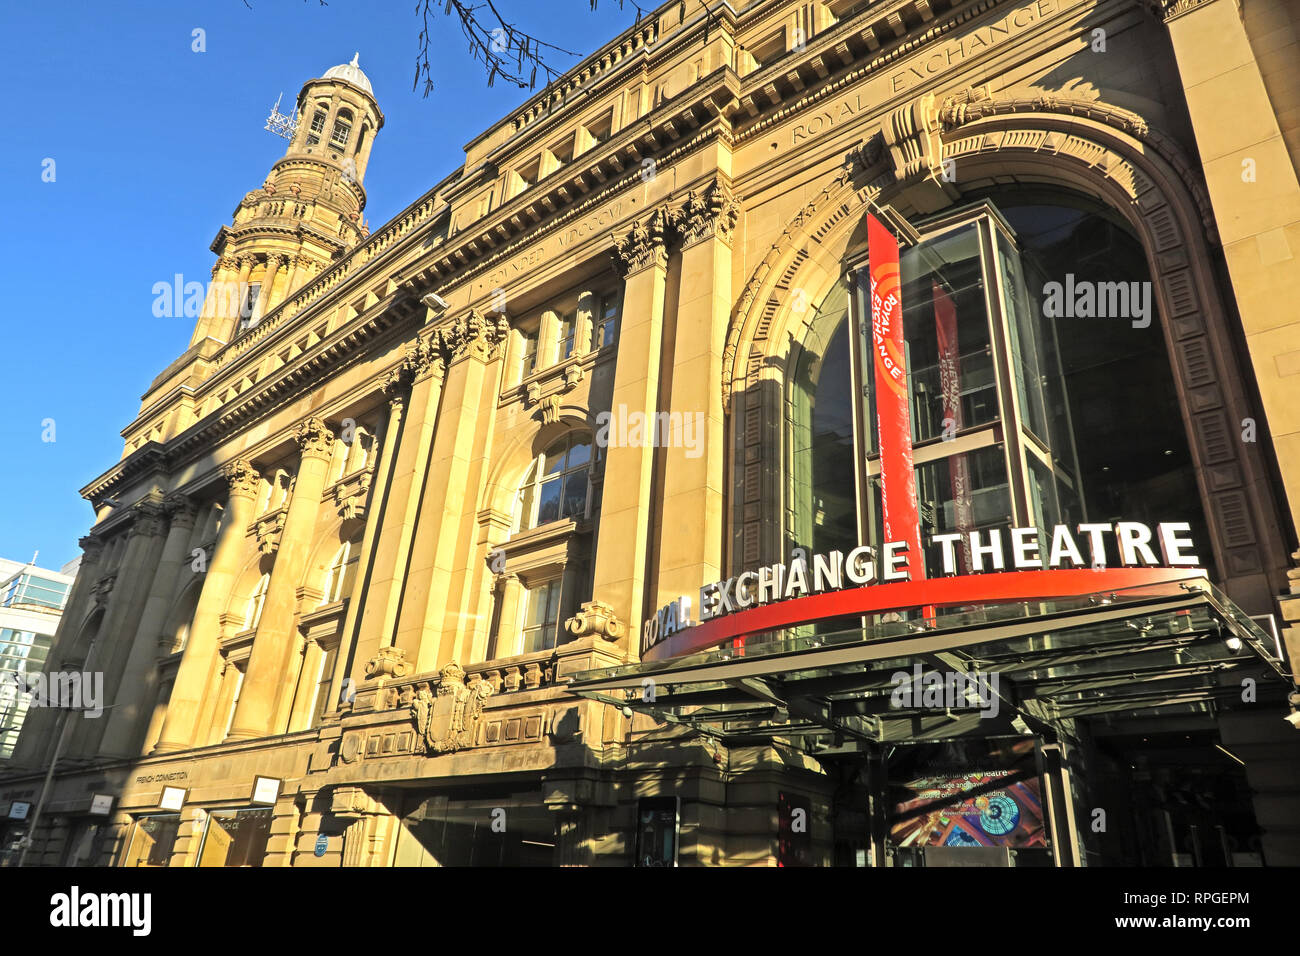 Laden Sie dieses Alamy Stockfoto Royal Exchange Theatre, St Anns Square, Manchester City Centre, North West England, Großbritannien - RPGEPM